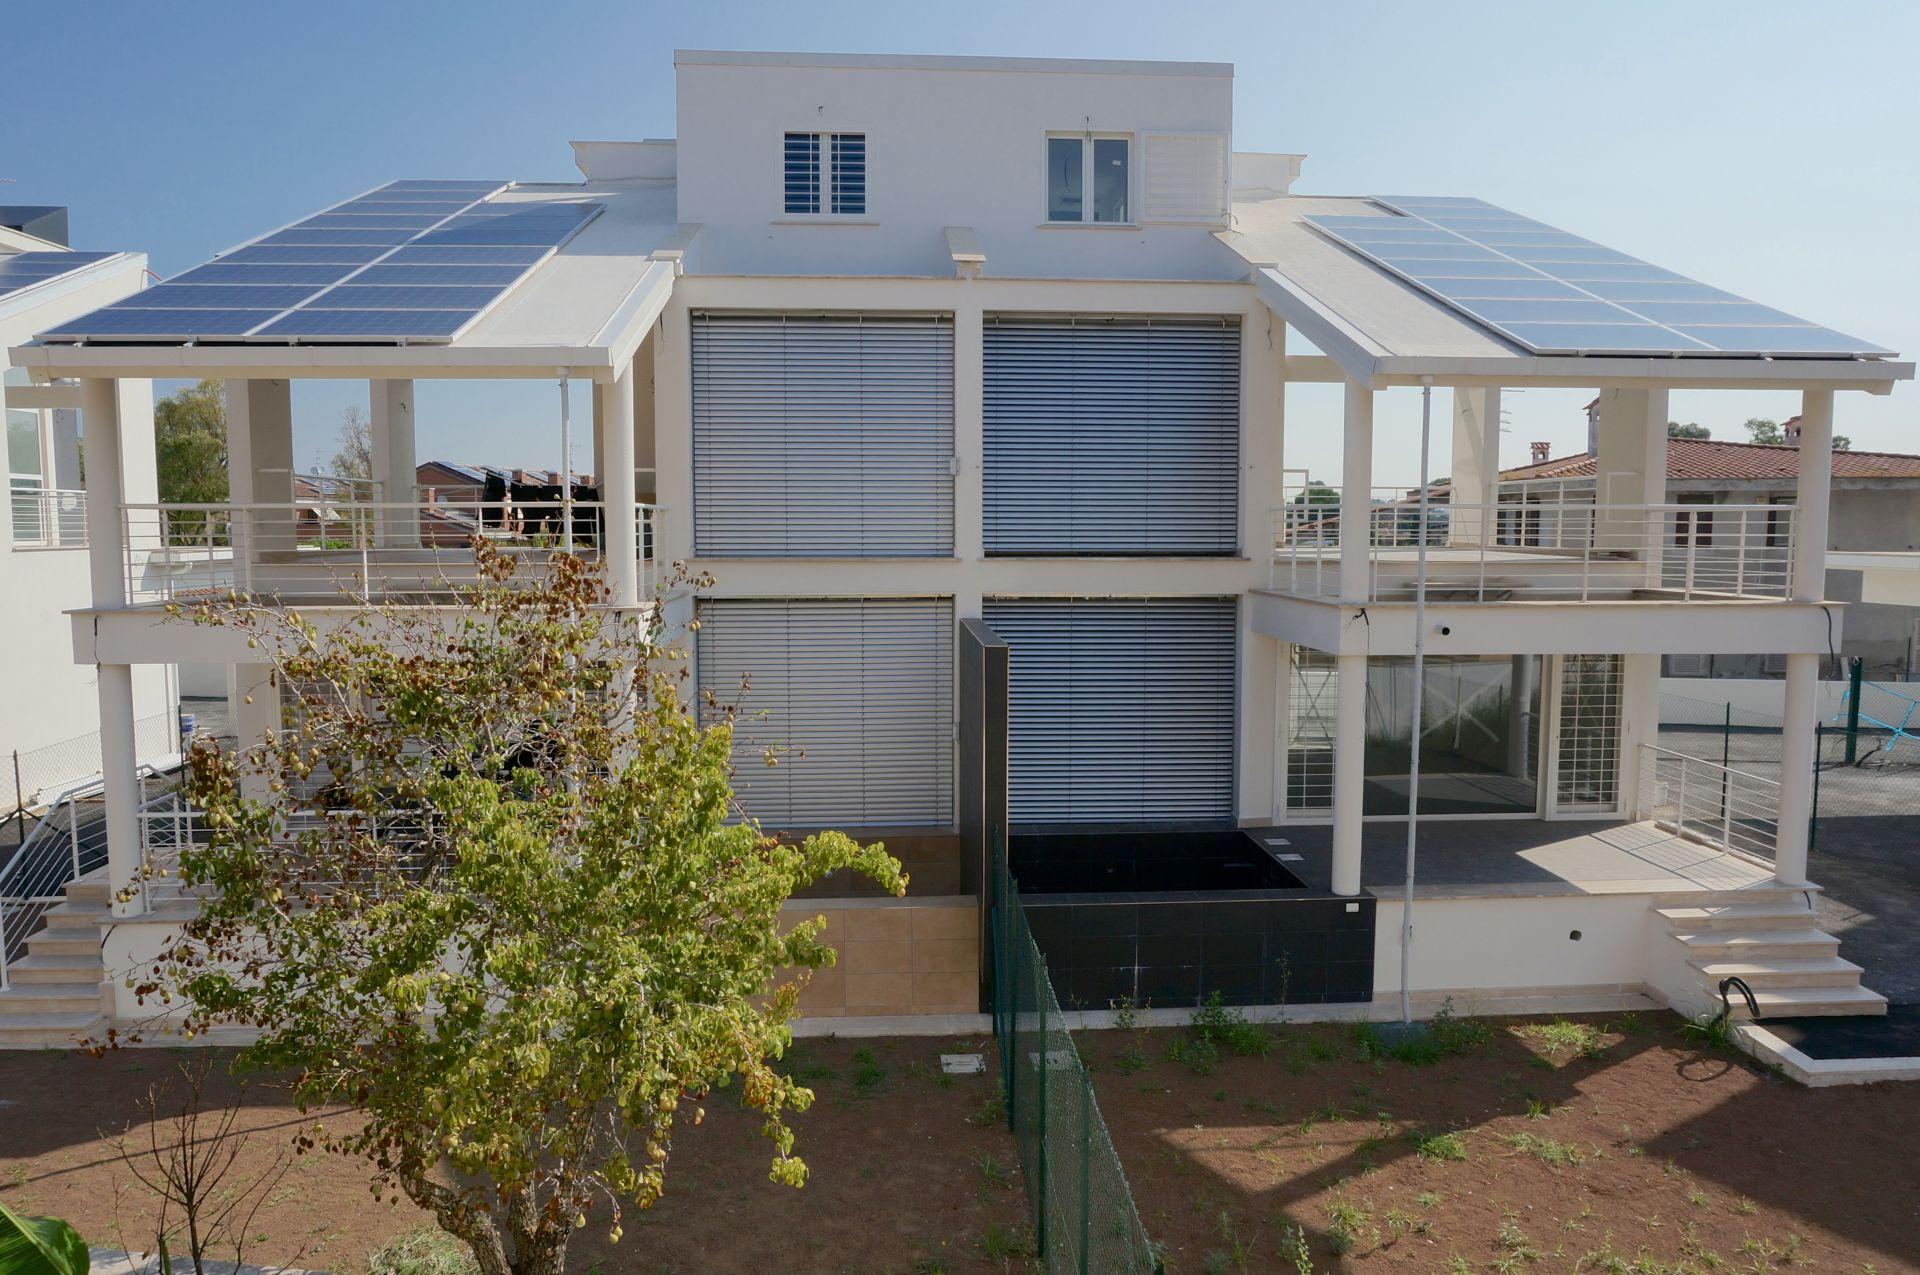 Realizzazione Casa in Legno Ville Passive Roma - Ostia Antica di Technowood